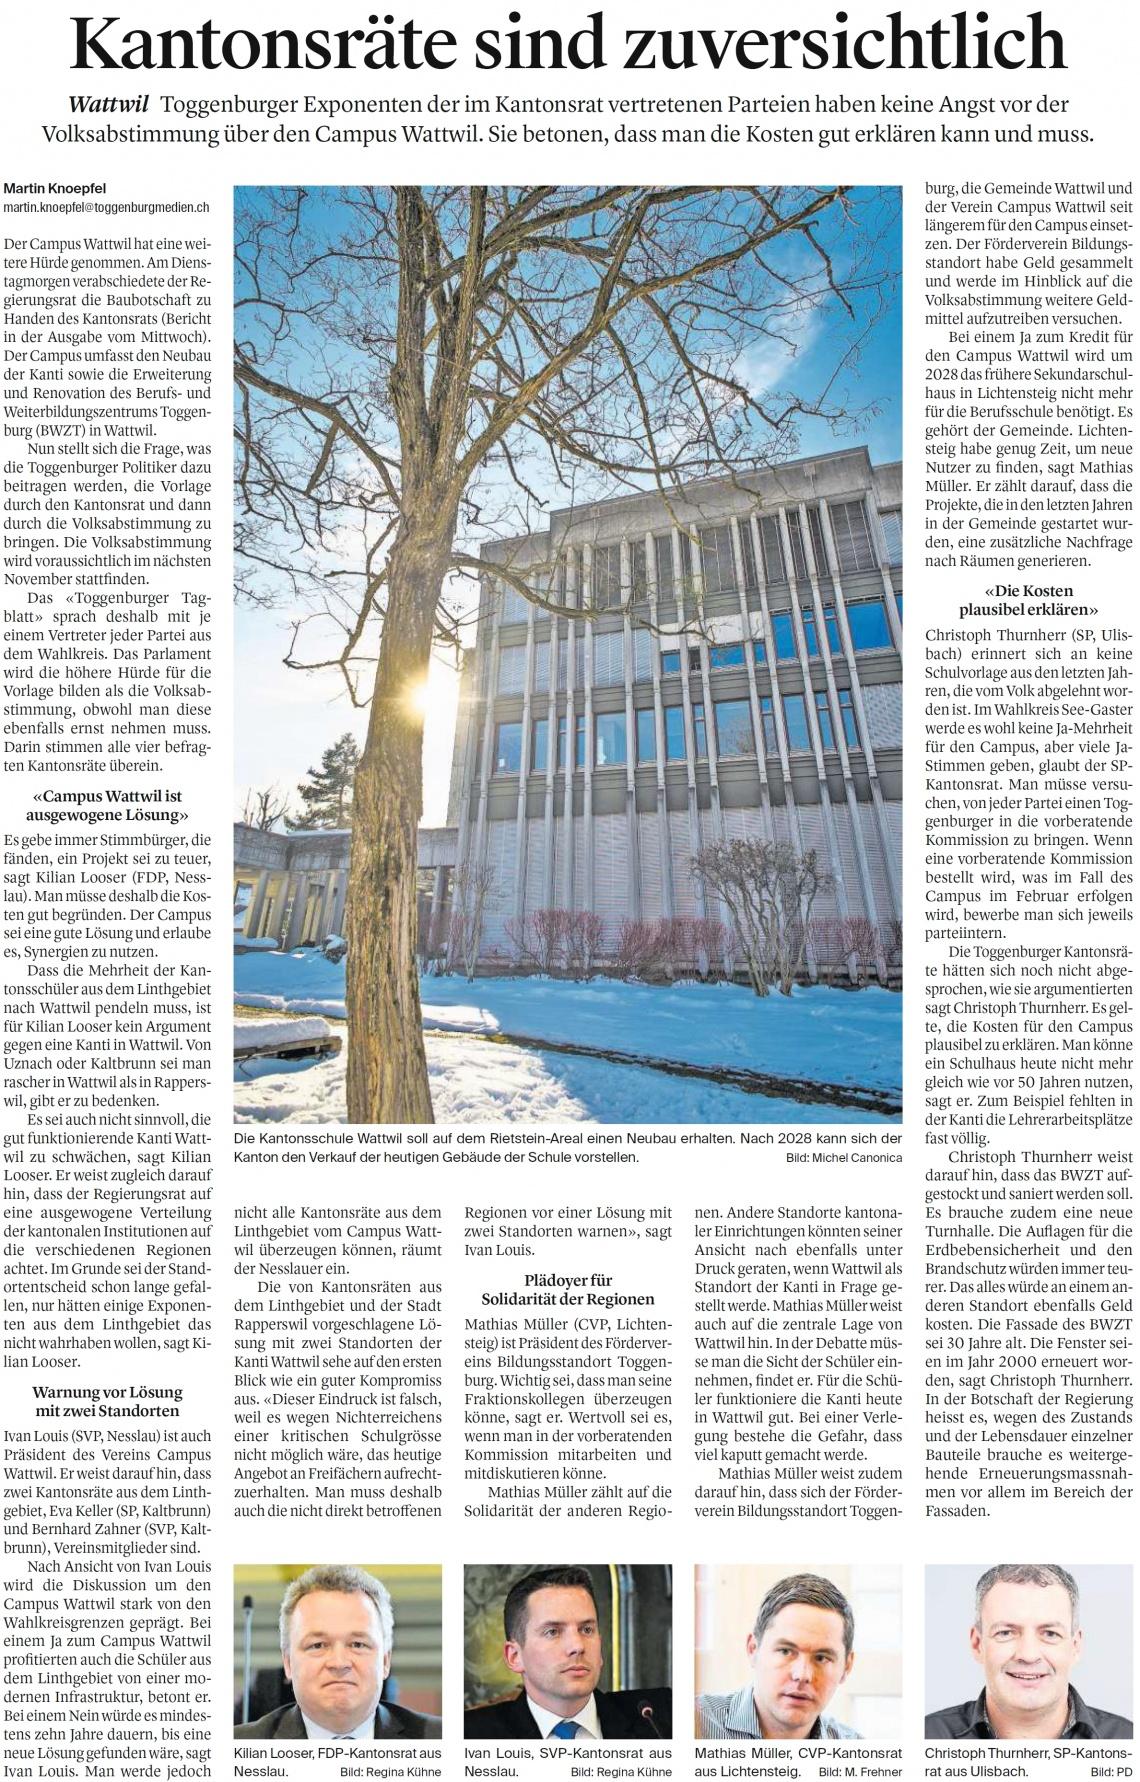 Kantonsräte sind zuversichtlich (Samstag, 12.01.2019)